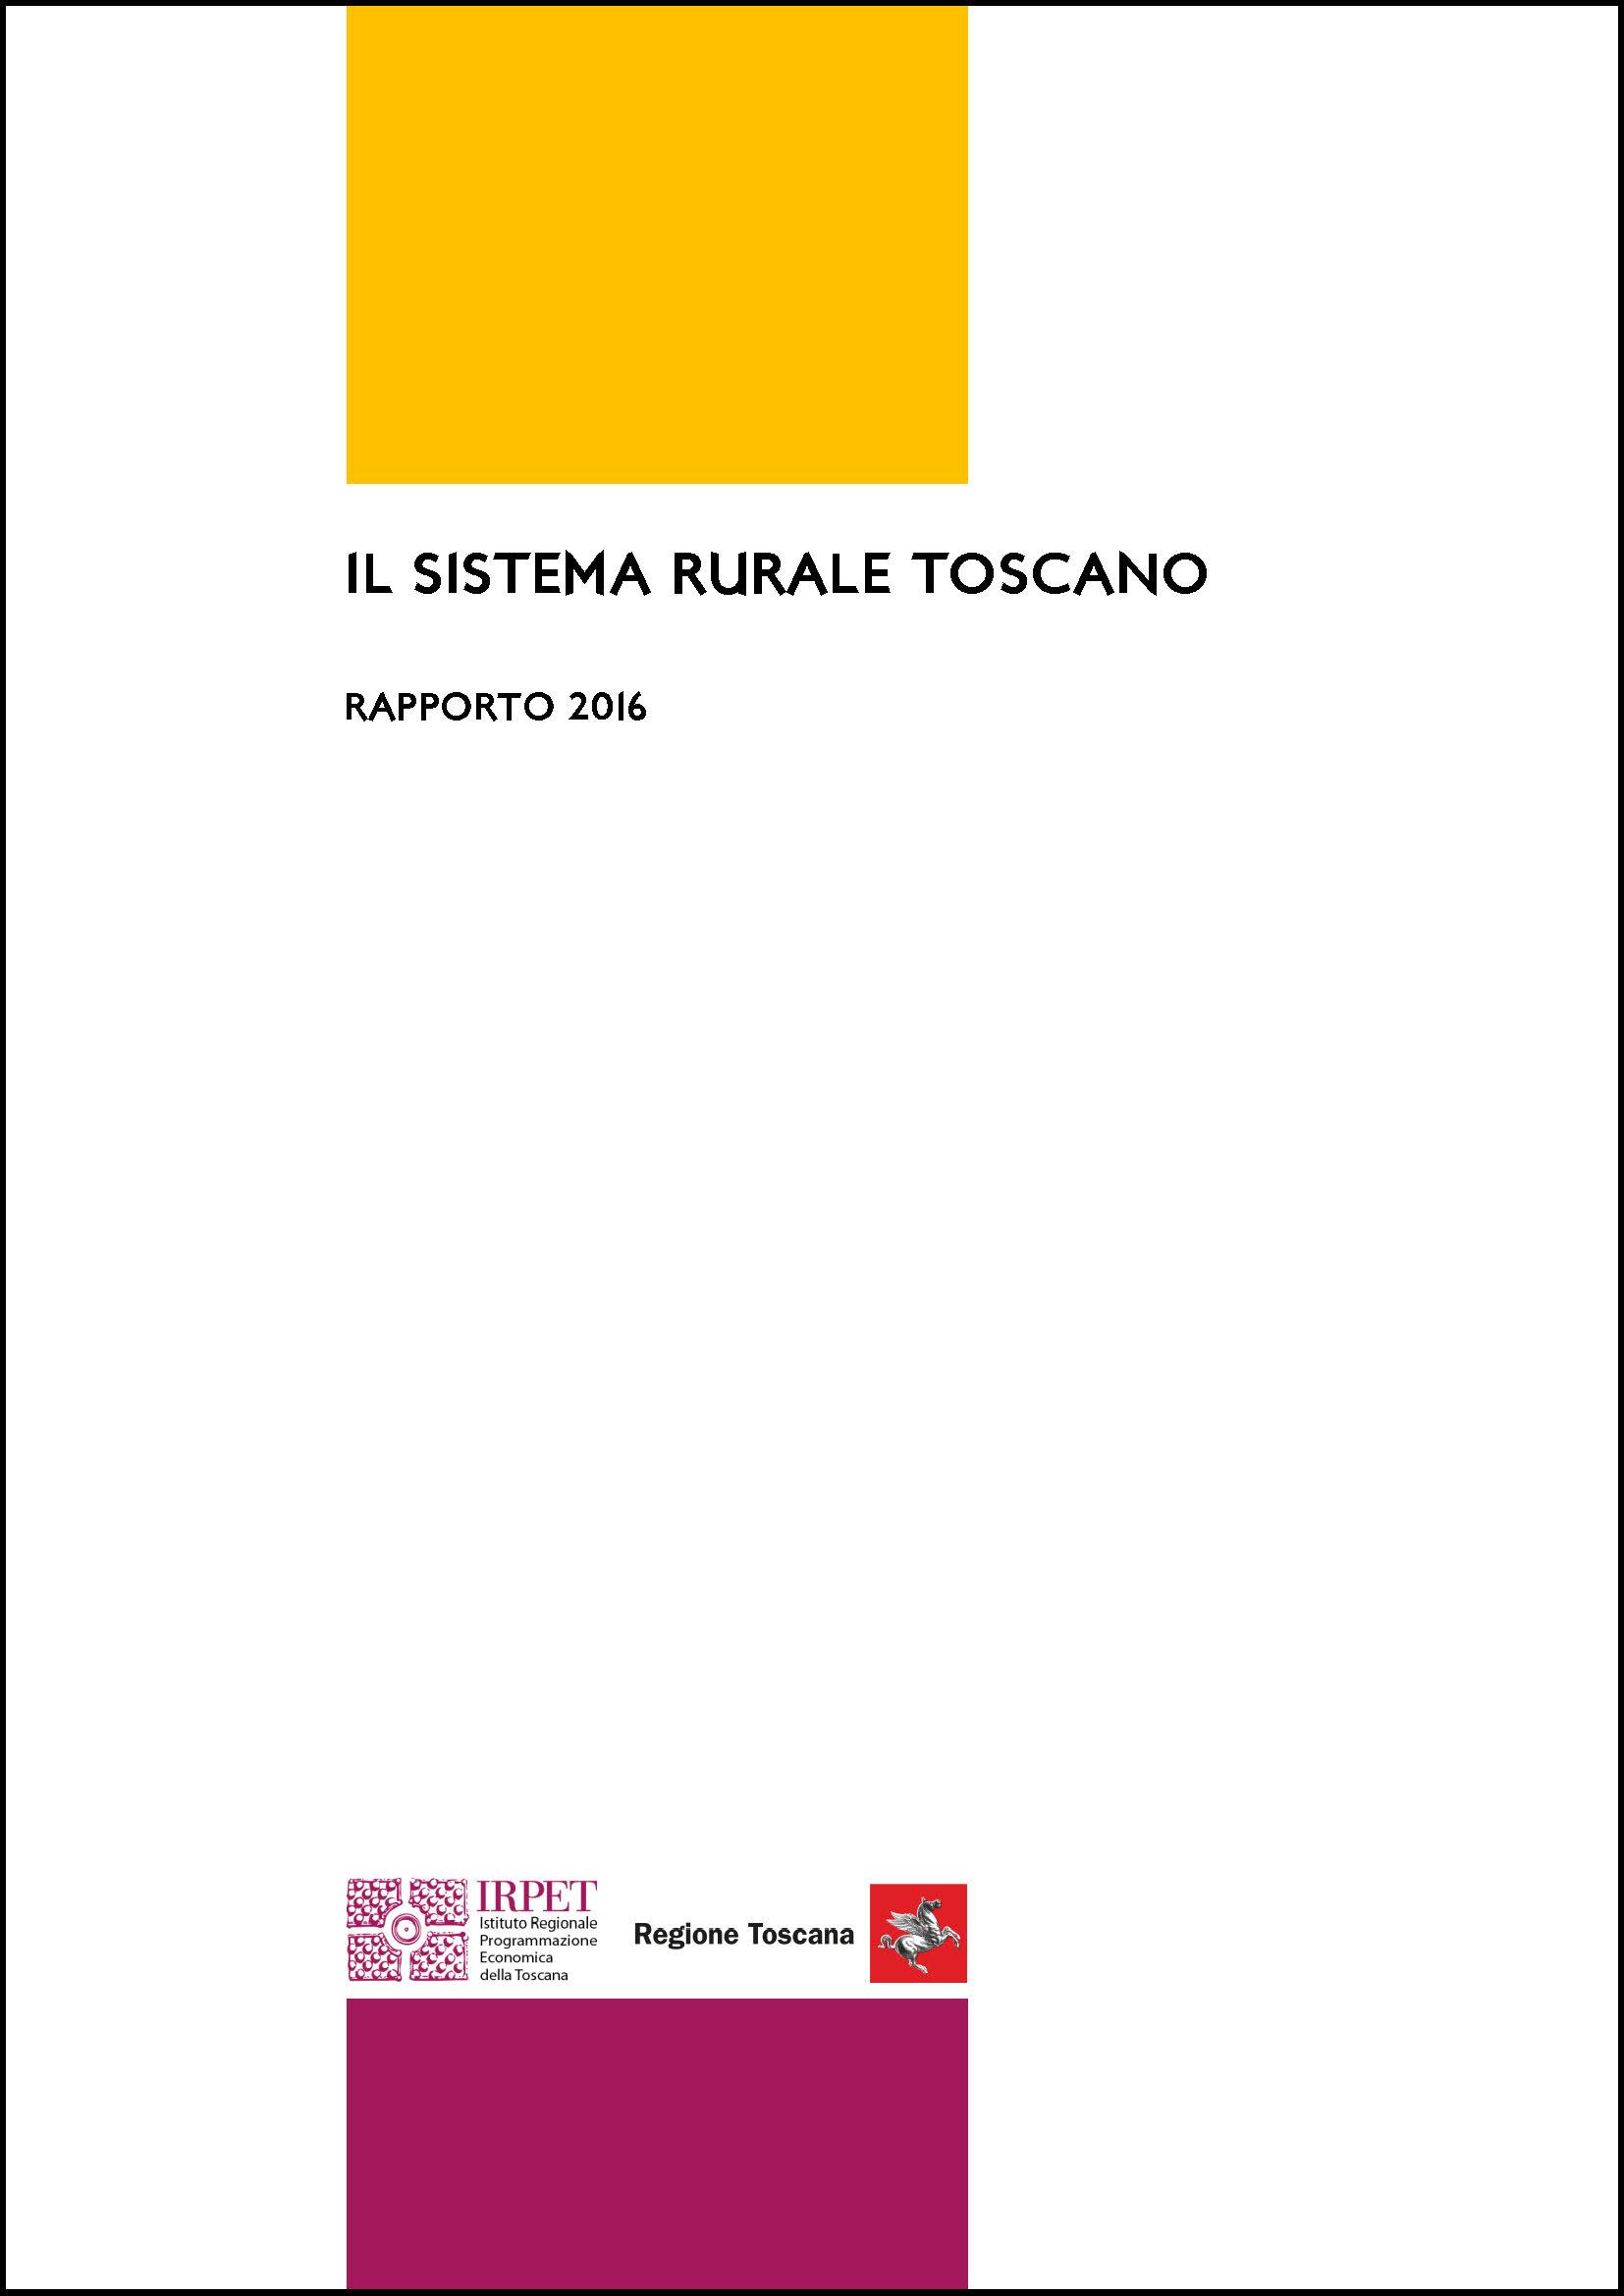 cover Il sistema rurale toscano 2016